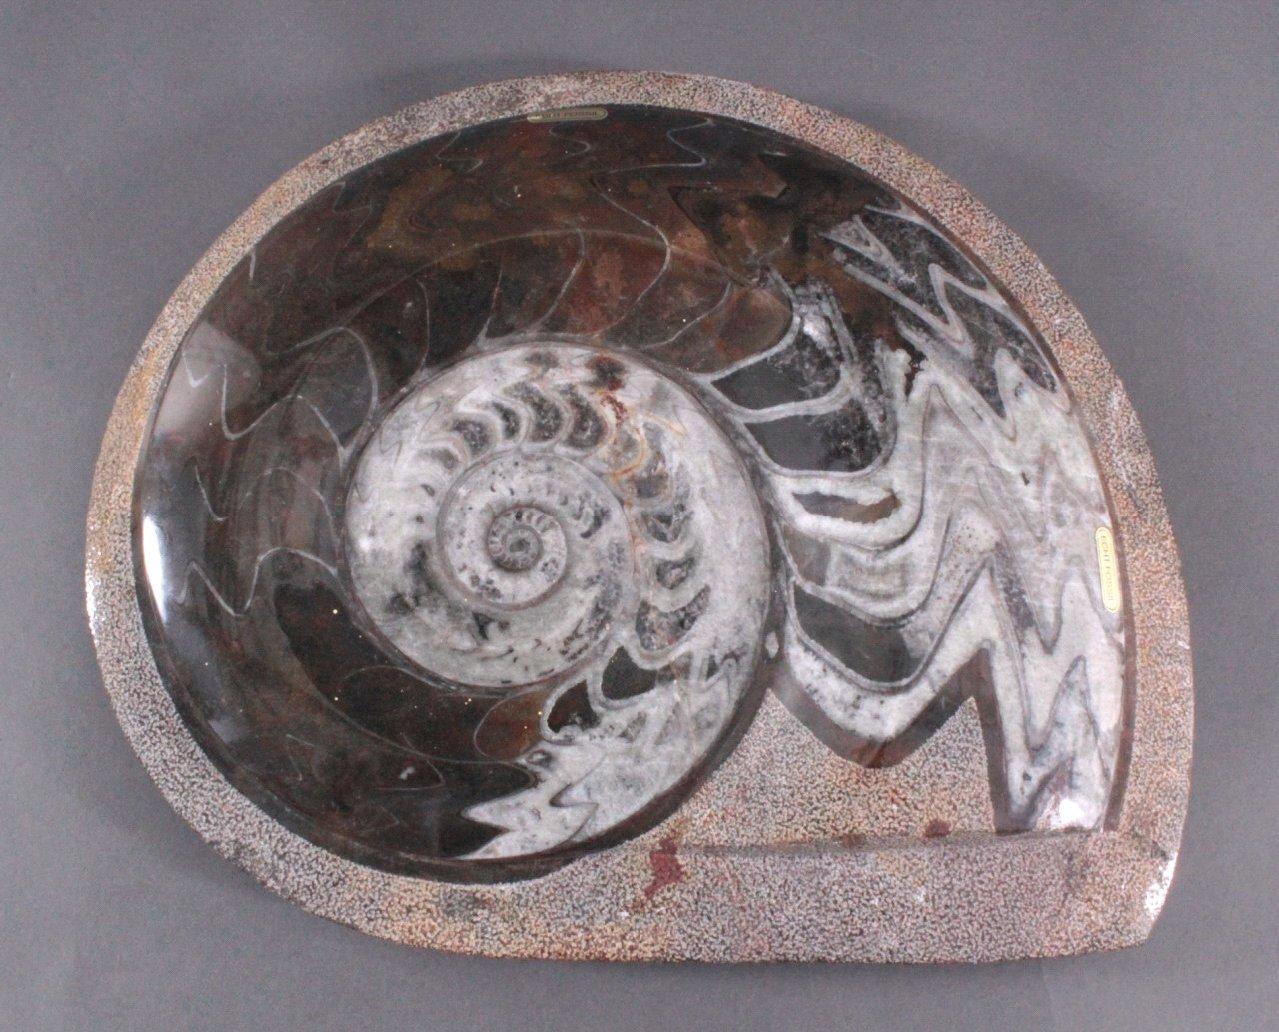 Großer Cleoniceras Ammonit (Kopffüßer), geschliffen/poliert